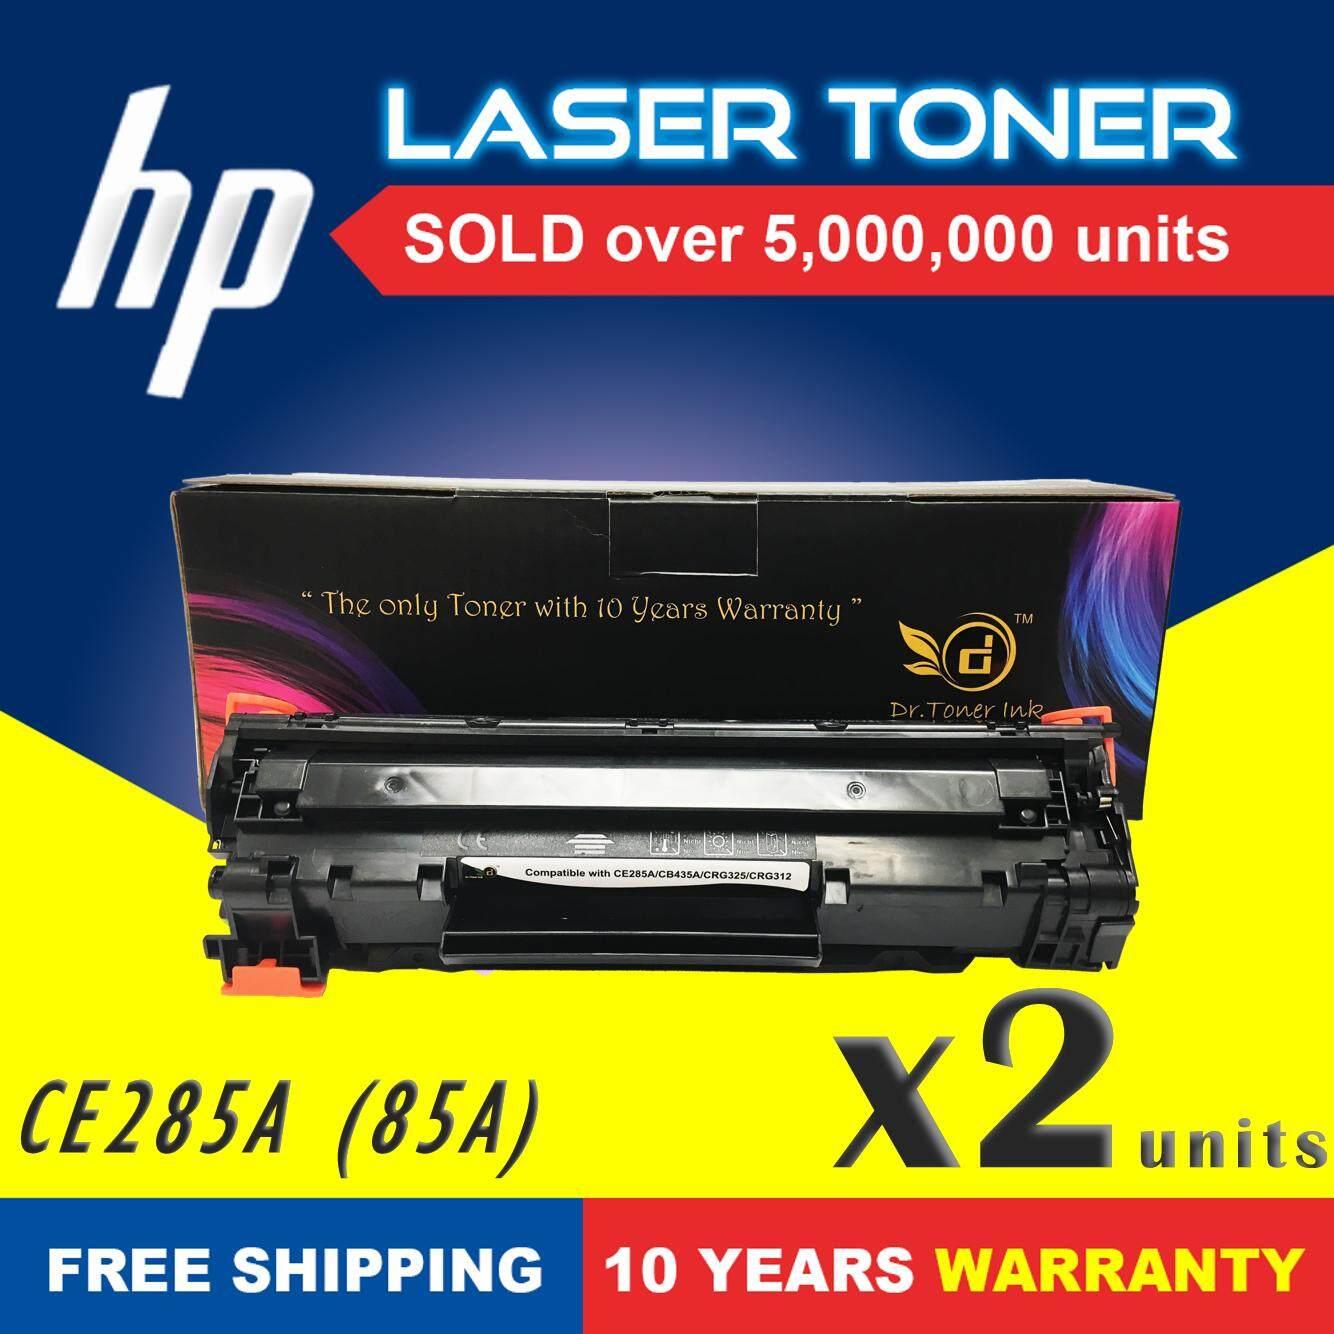 Features Compatible Toner Drtoner Ce285a 285a 85a Mono Black X 2 Opc Drum Printer Laserjet Hp P1102 Katrid